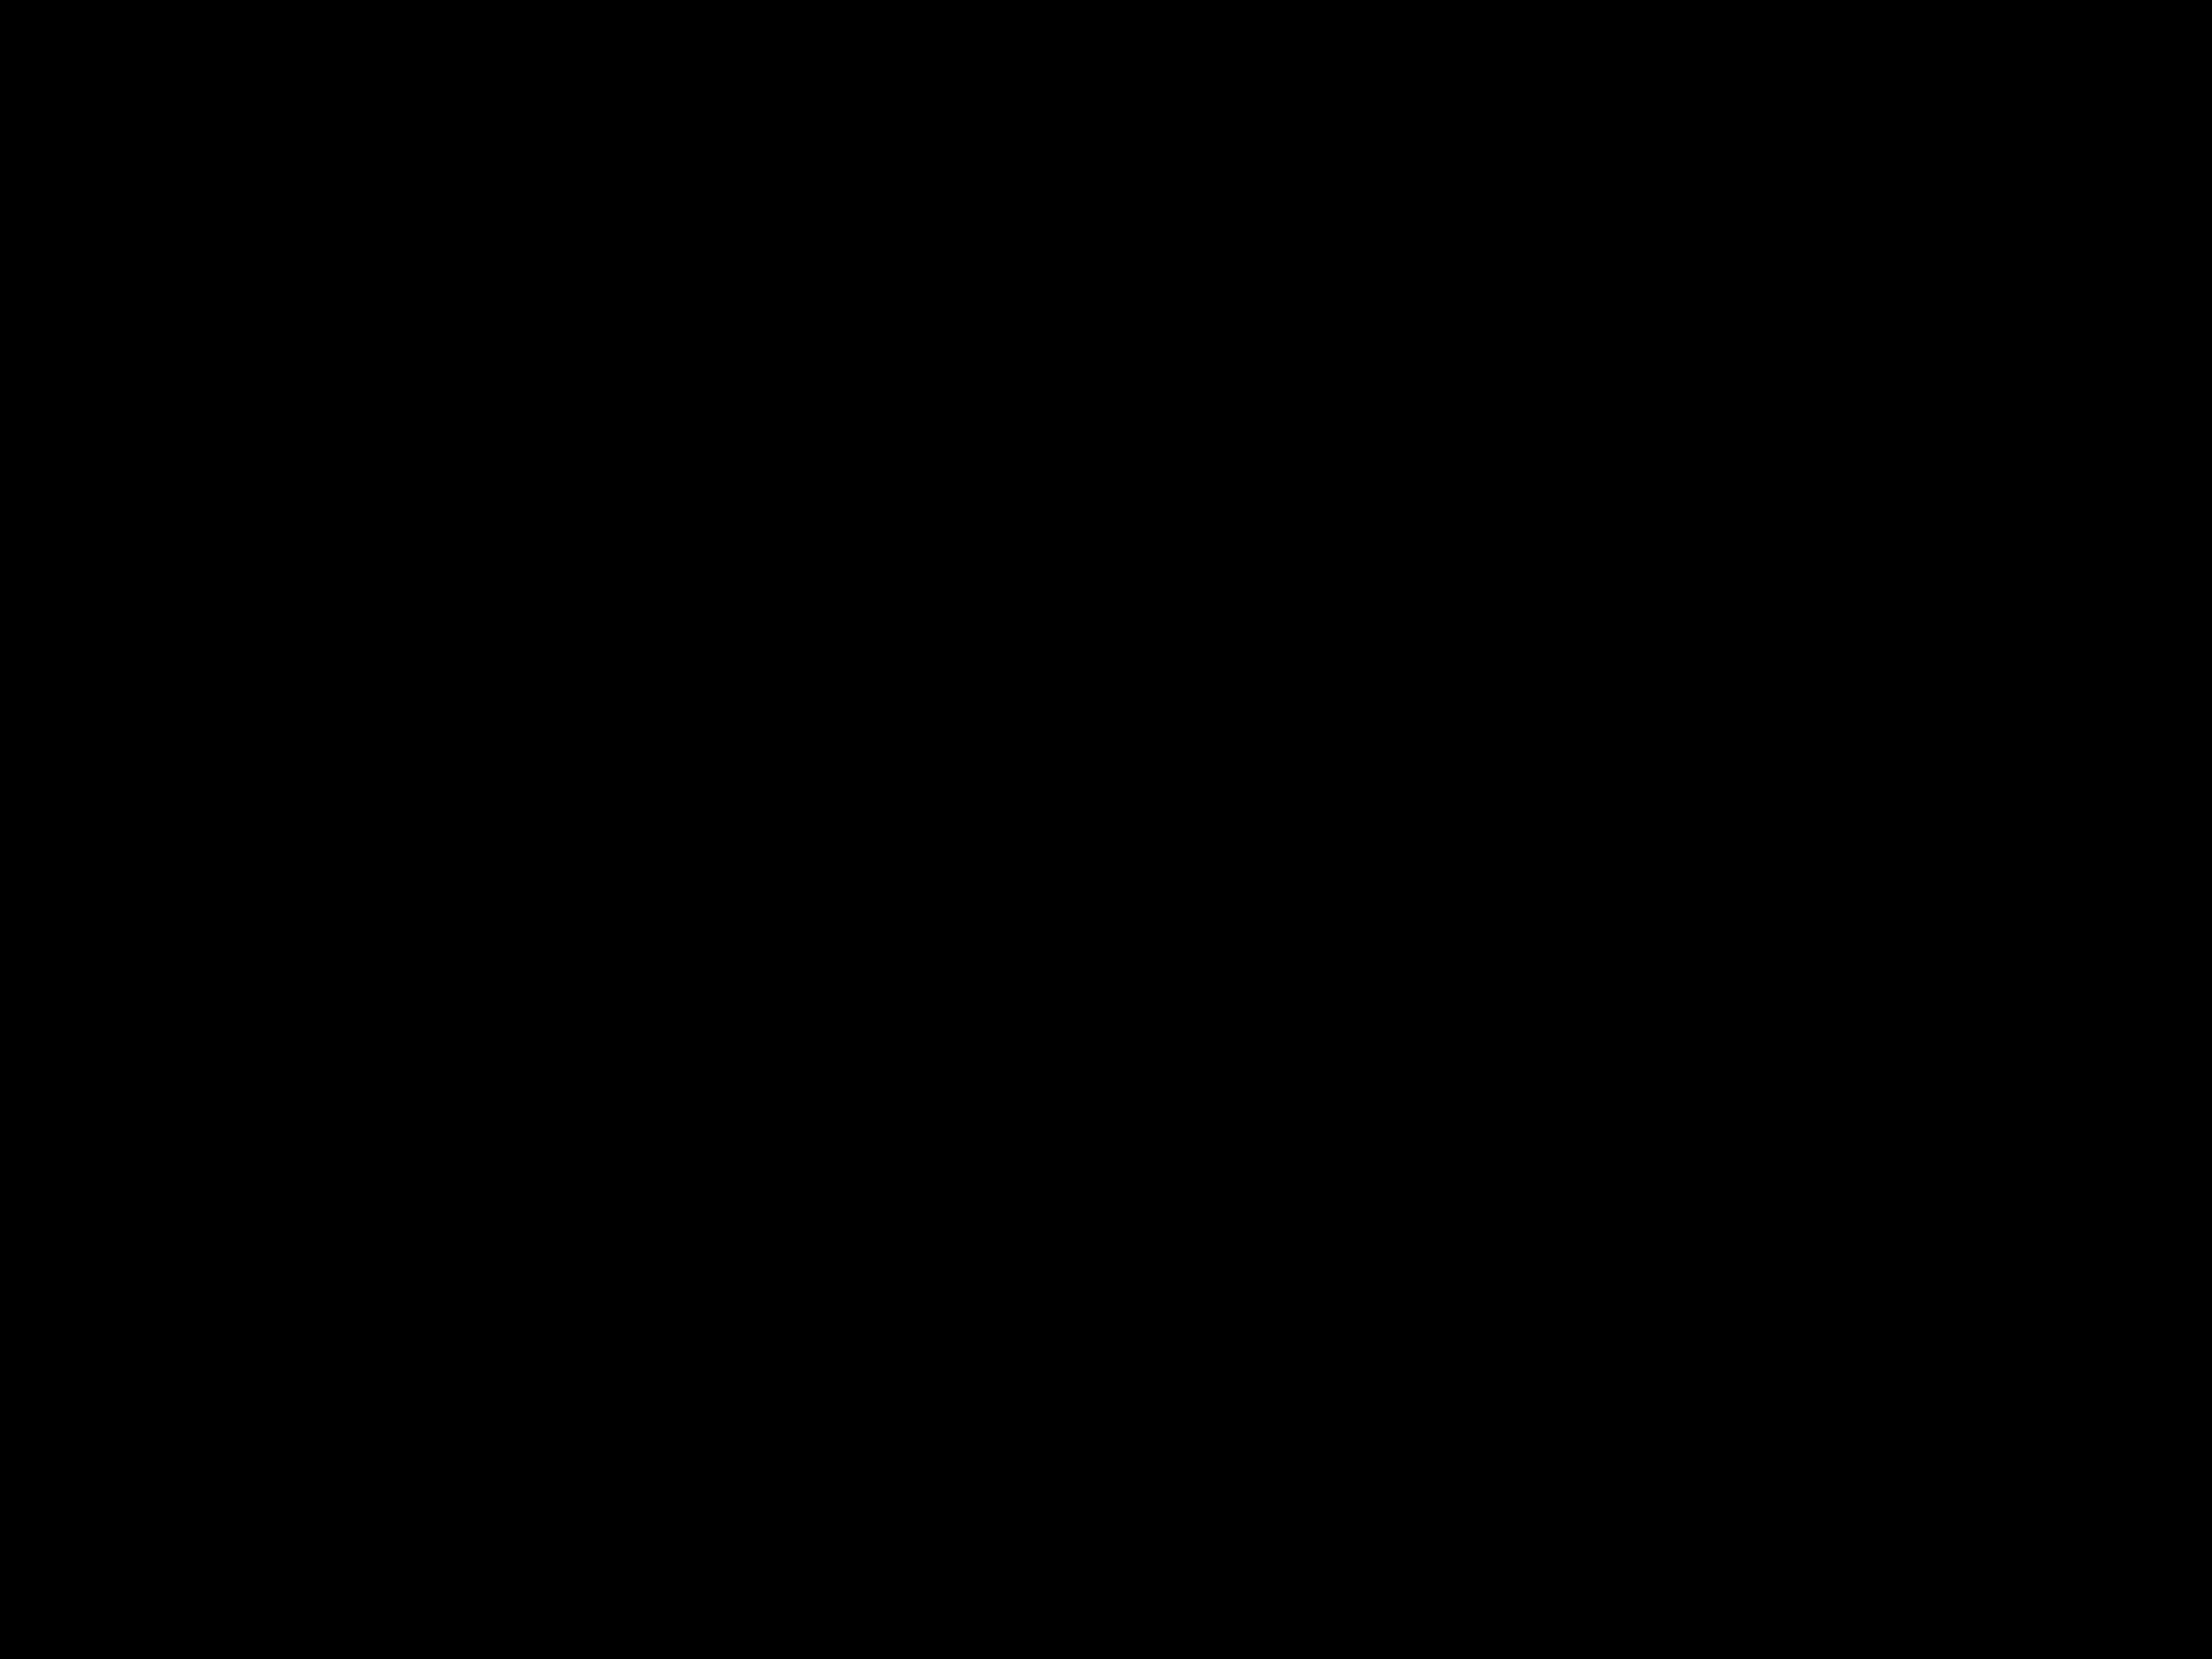 Lake Roland Landscape Design Framework